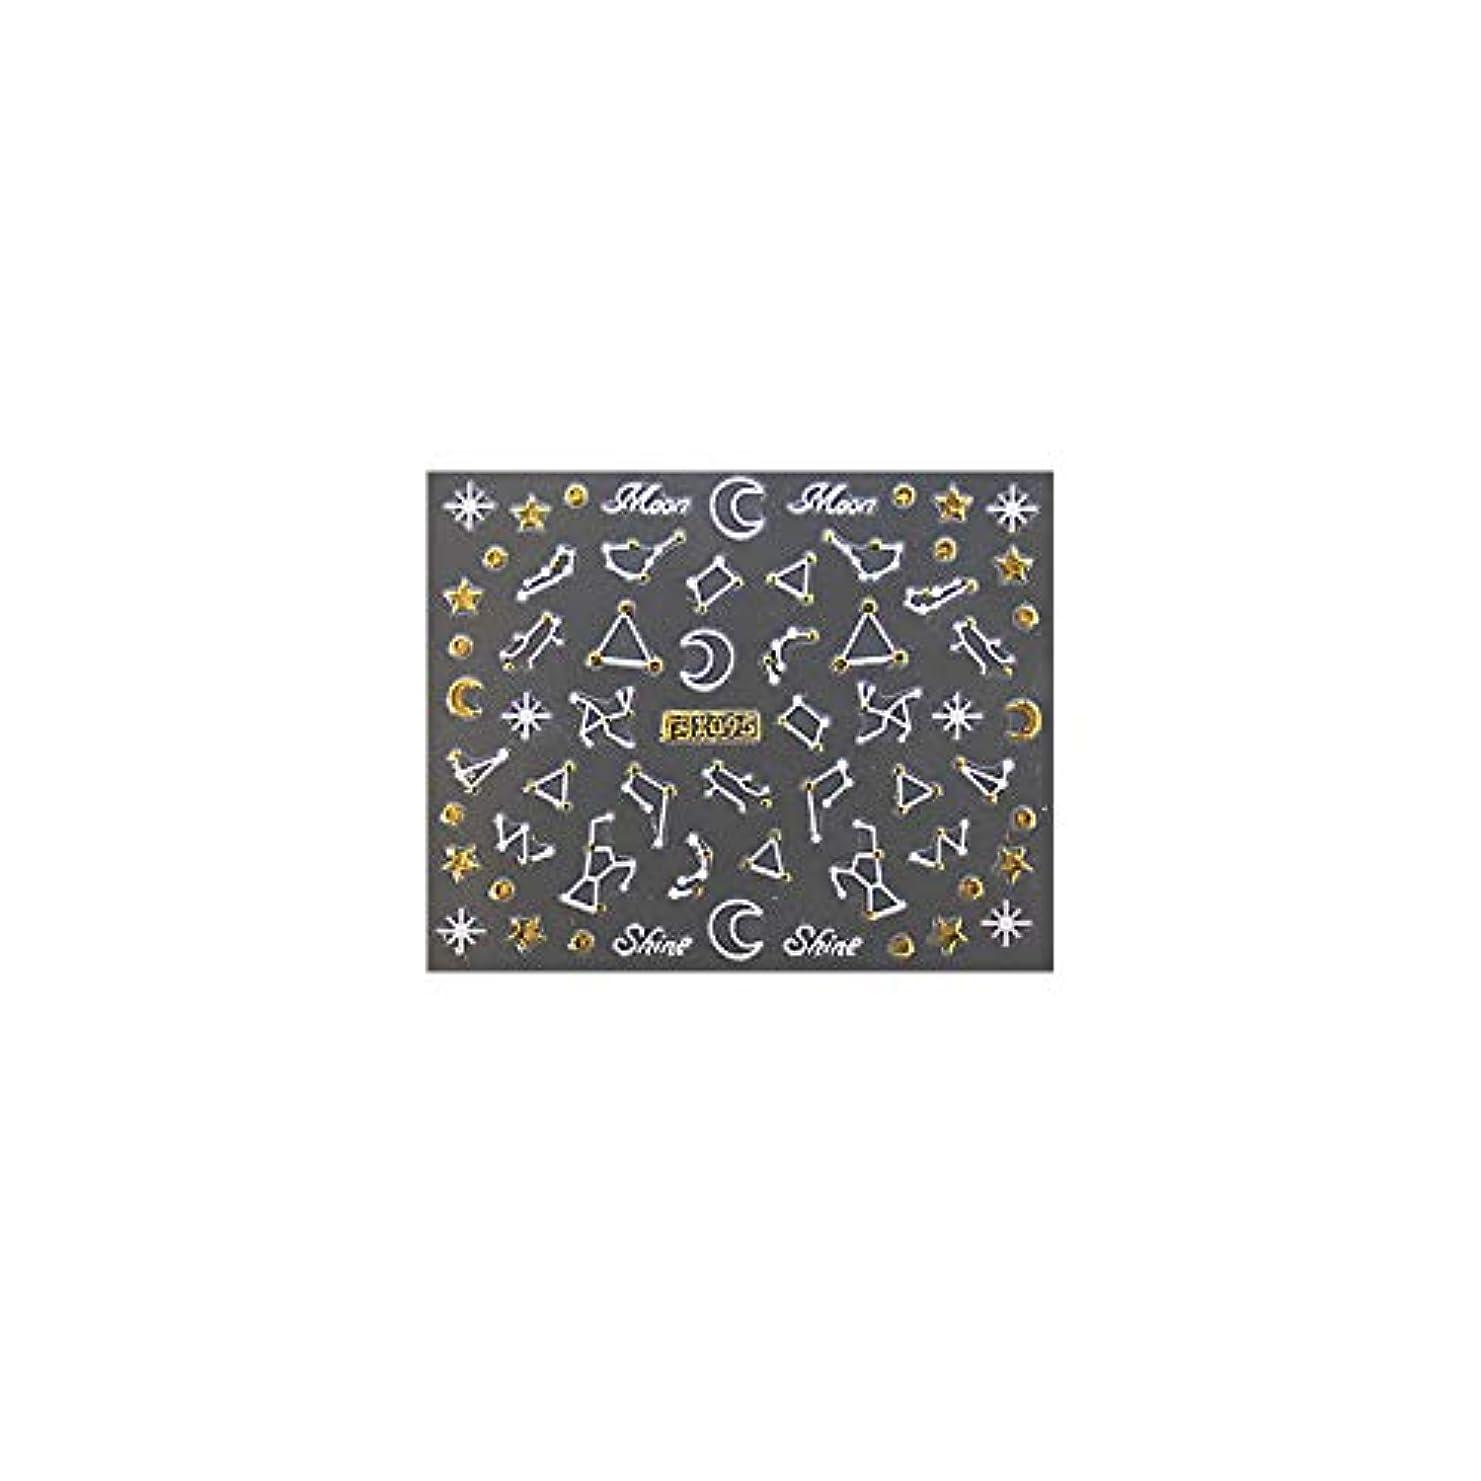 パキスタンモナリザ船尾irogel イロジェル ネイルアート ネイルシール 星座シール【X095】